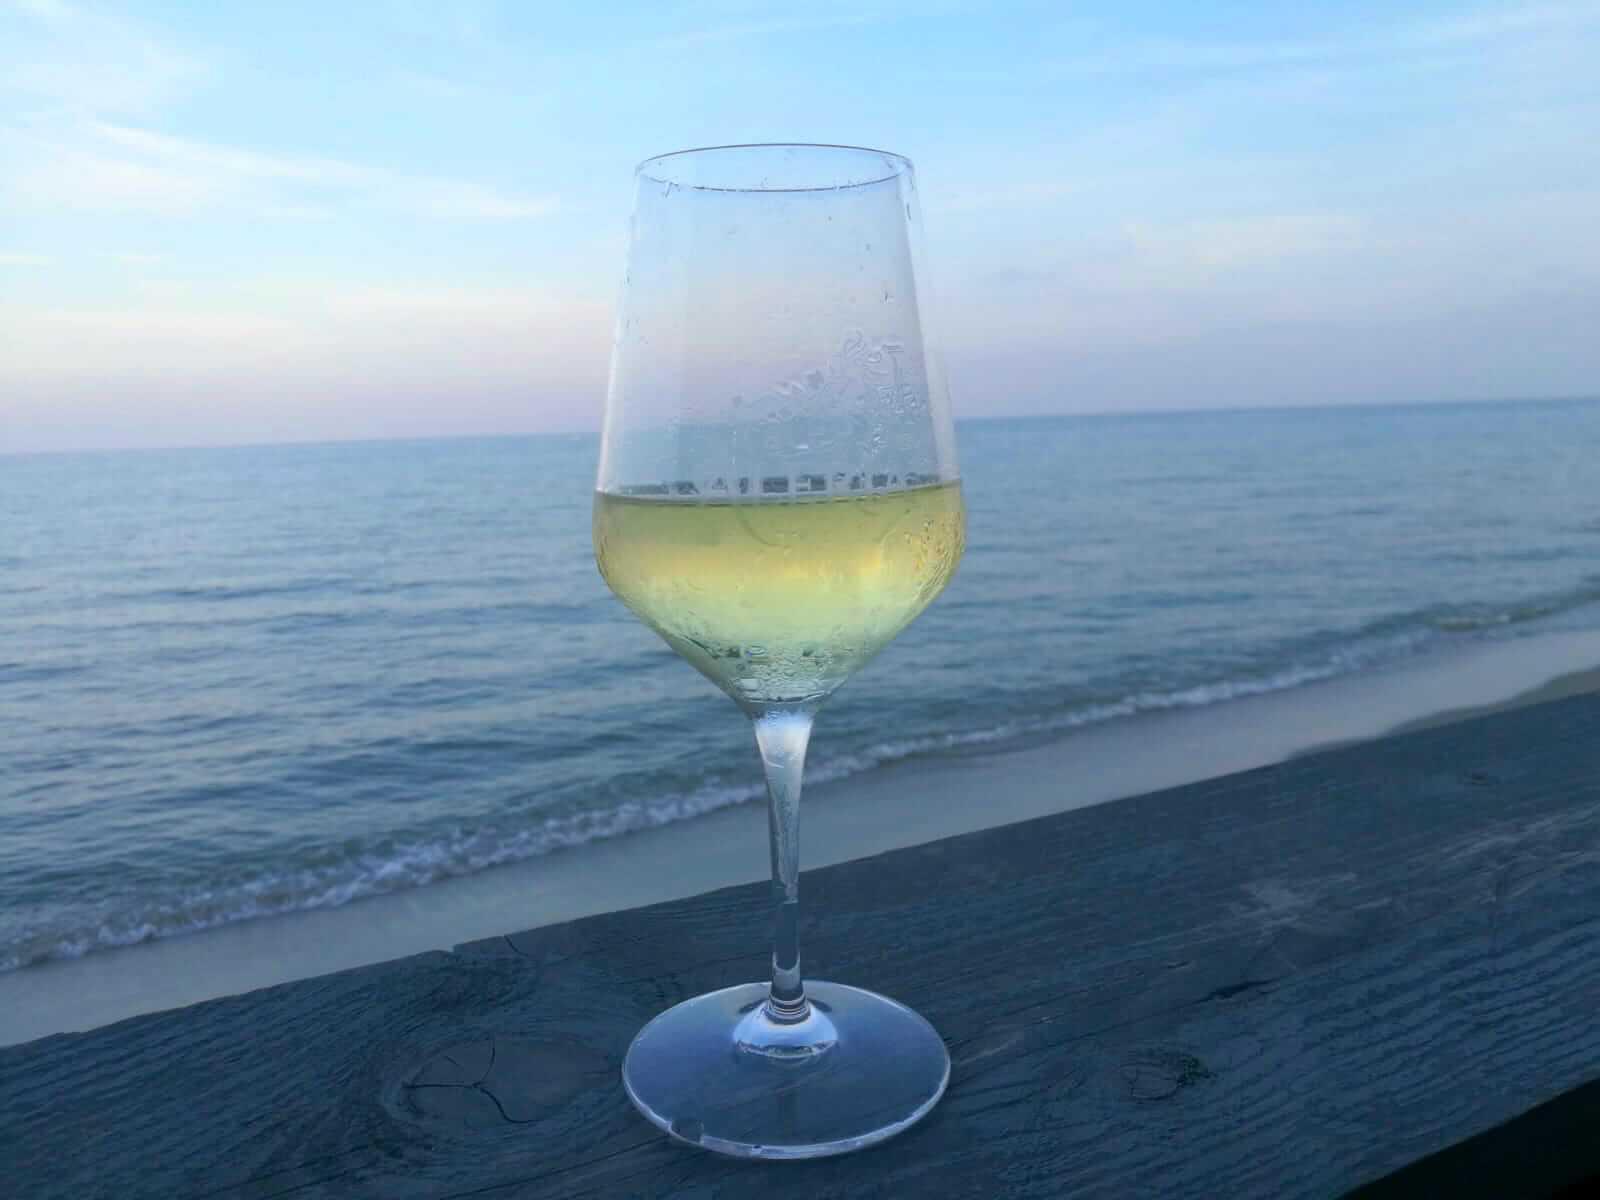 Corsican wine | Corse Wine | Corsican Wine | Buy Corsican Wine | best corsican wine | corsican white wine | domaine terra vecchia | Clos Poggiale | domaine de terra vecchia | wine tasting